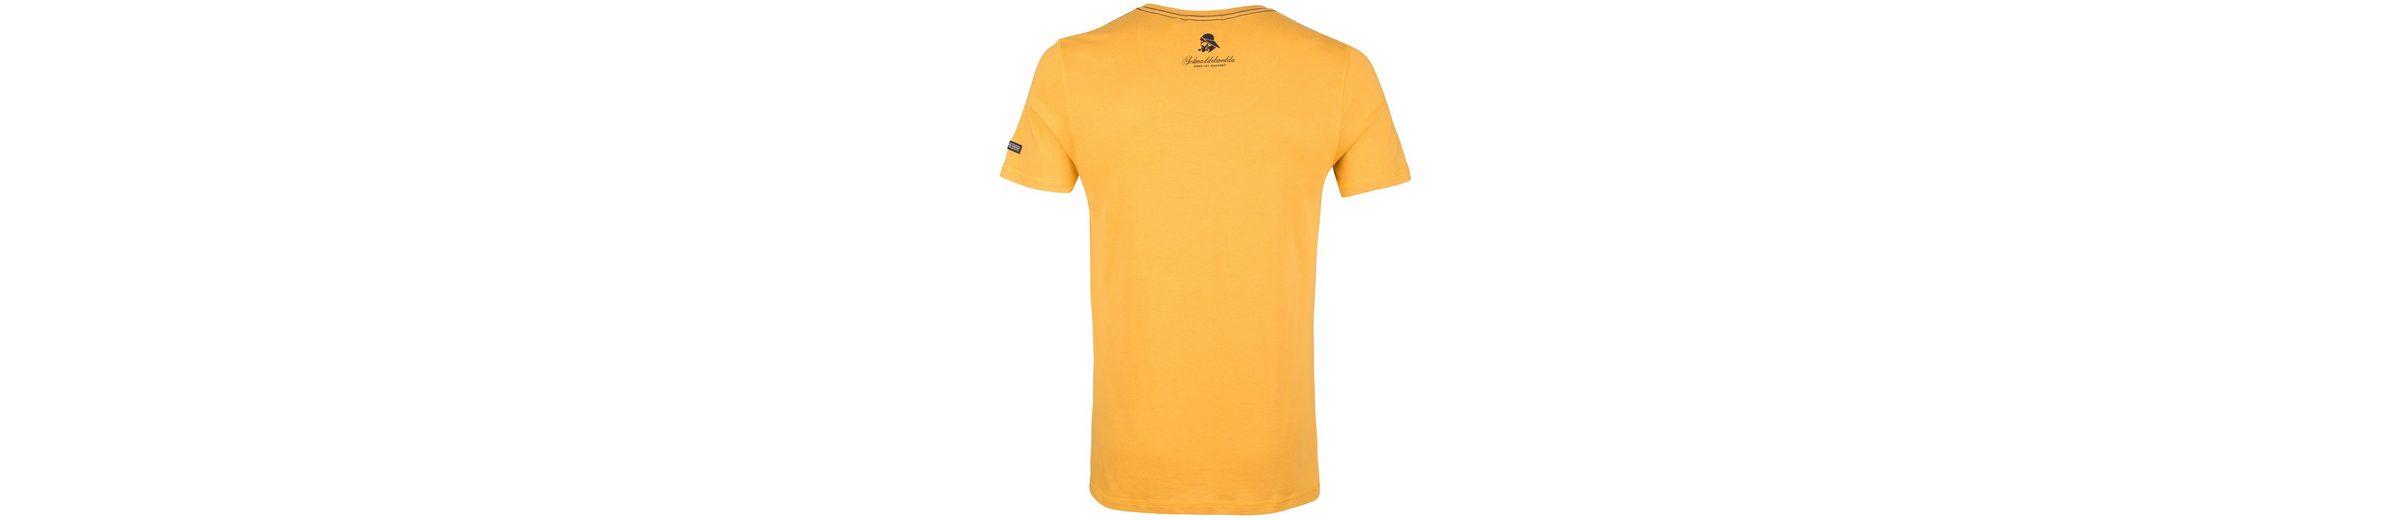 Komfortabel Günstiger Preis Schmuddelwedda T-Shirt Rabatt-Spielraum Neueste Billig Verkauf Erkunden B1zMH6eb